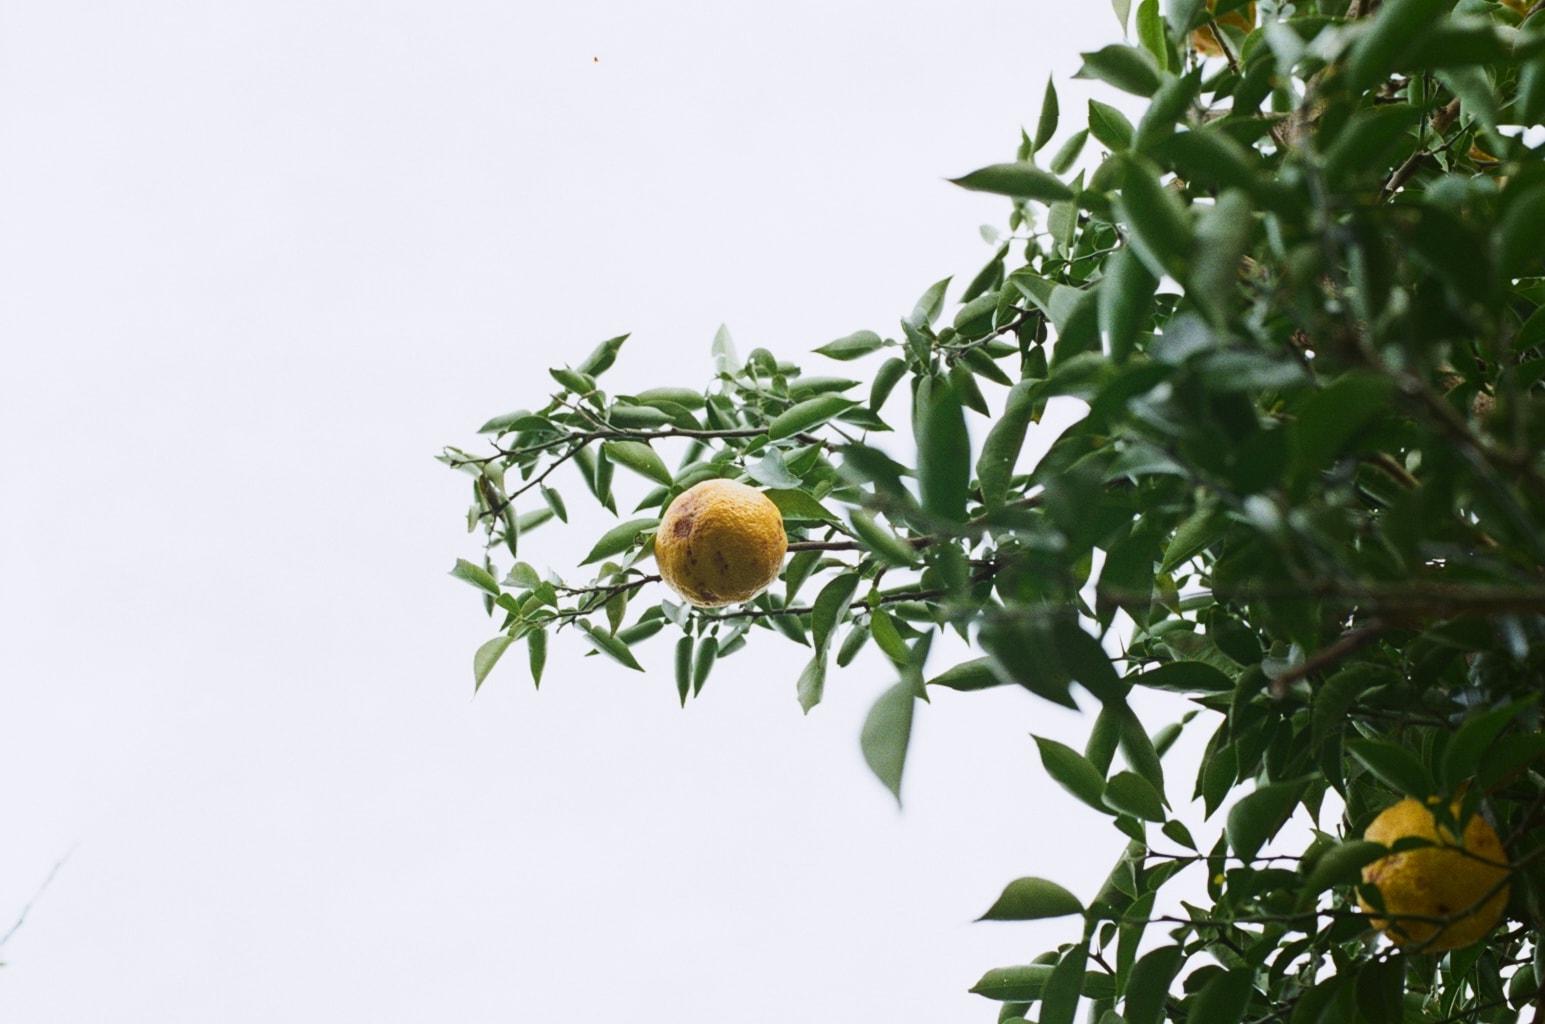 冬至イメージ。柚子の実る枝